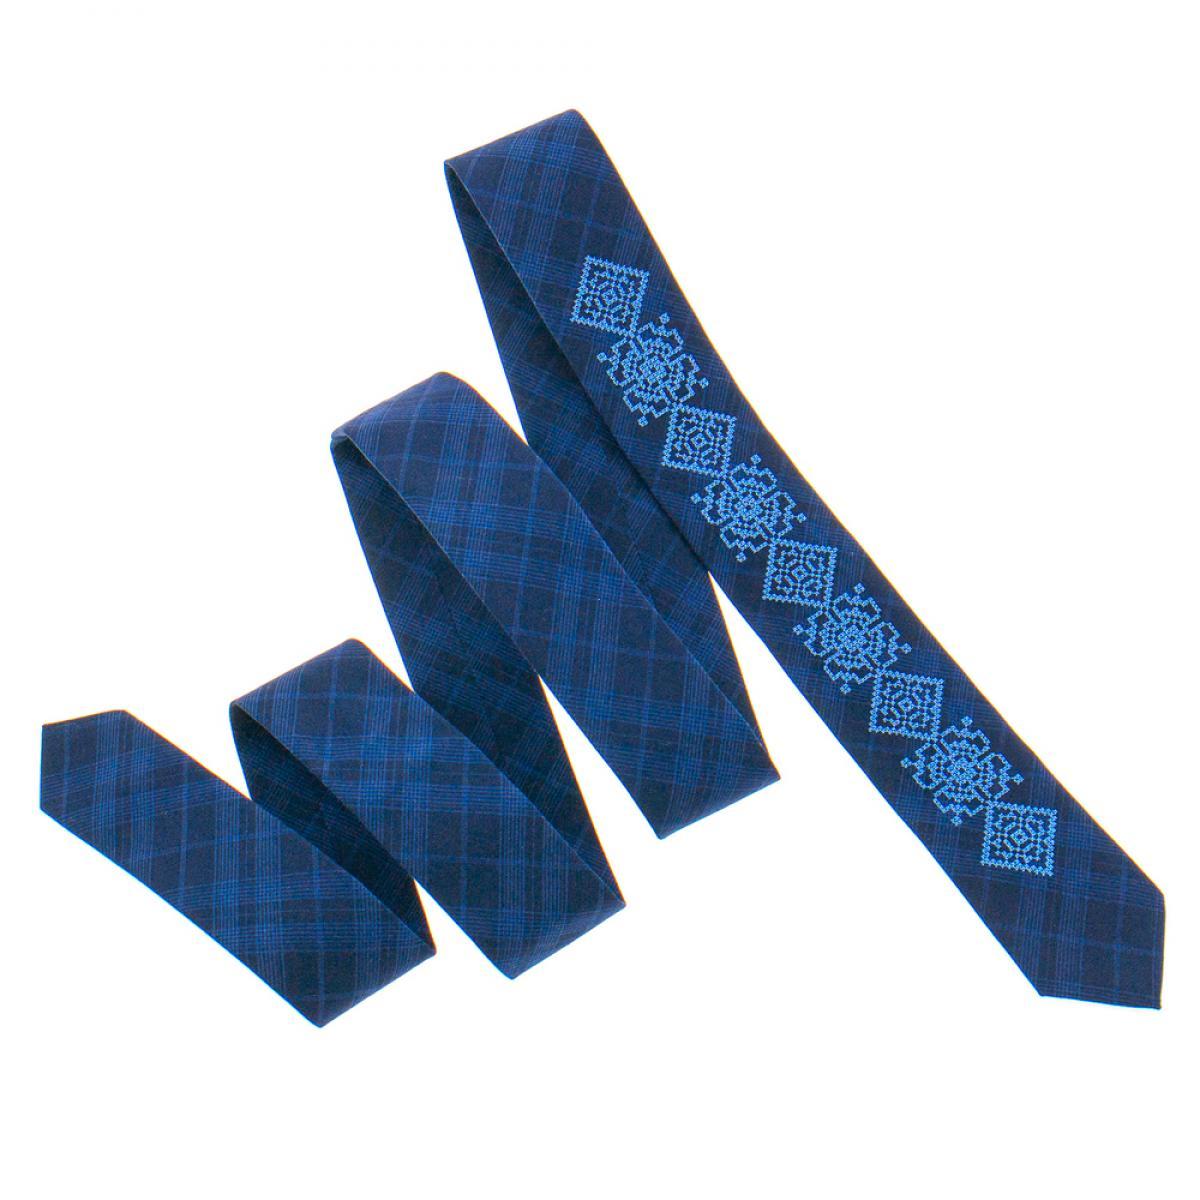 Тонка вишита краватка синя. Фото №3. | Народний дім Україна